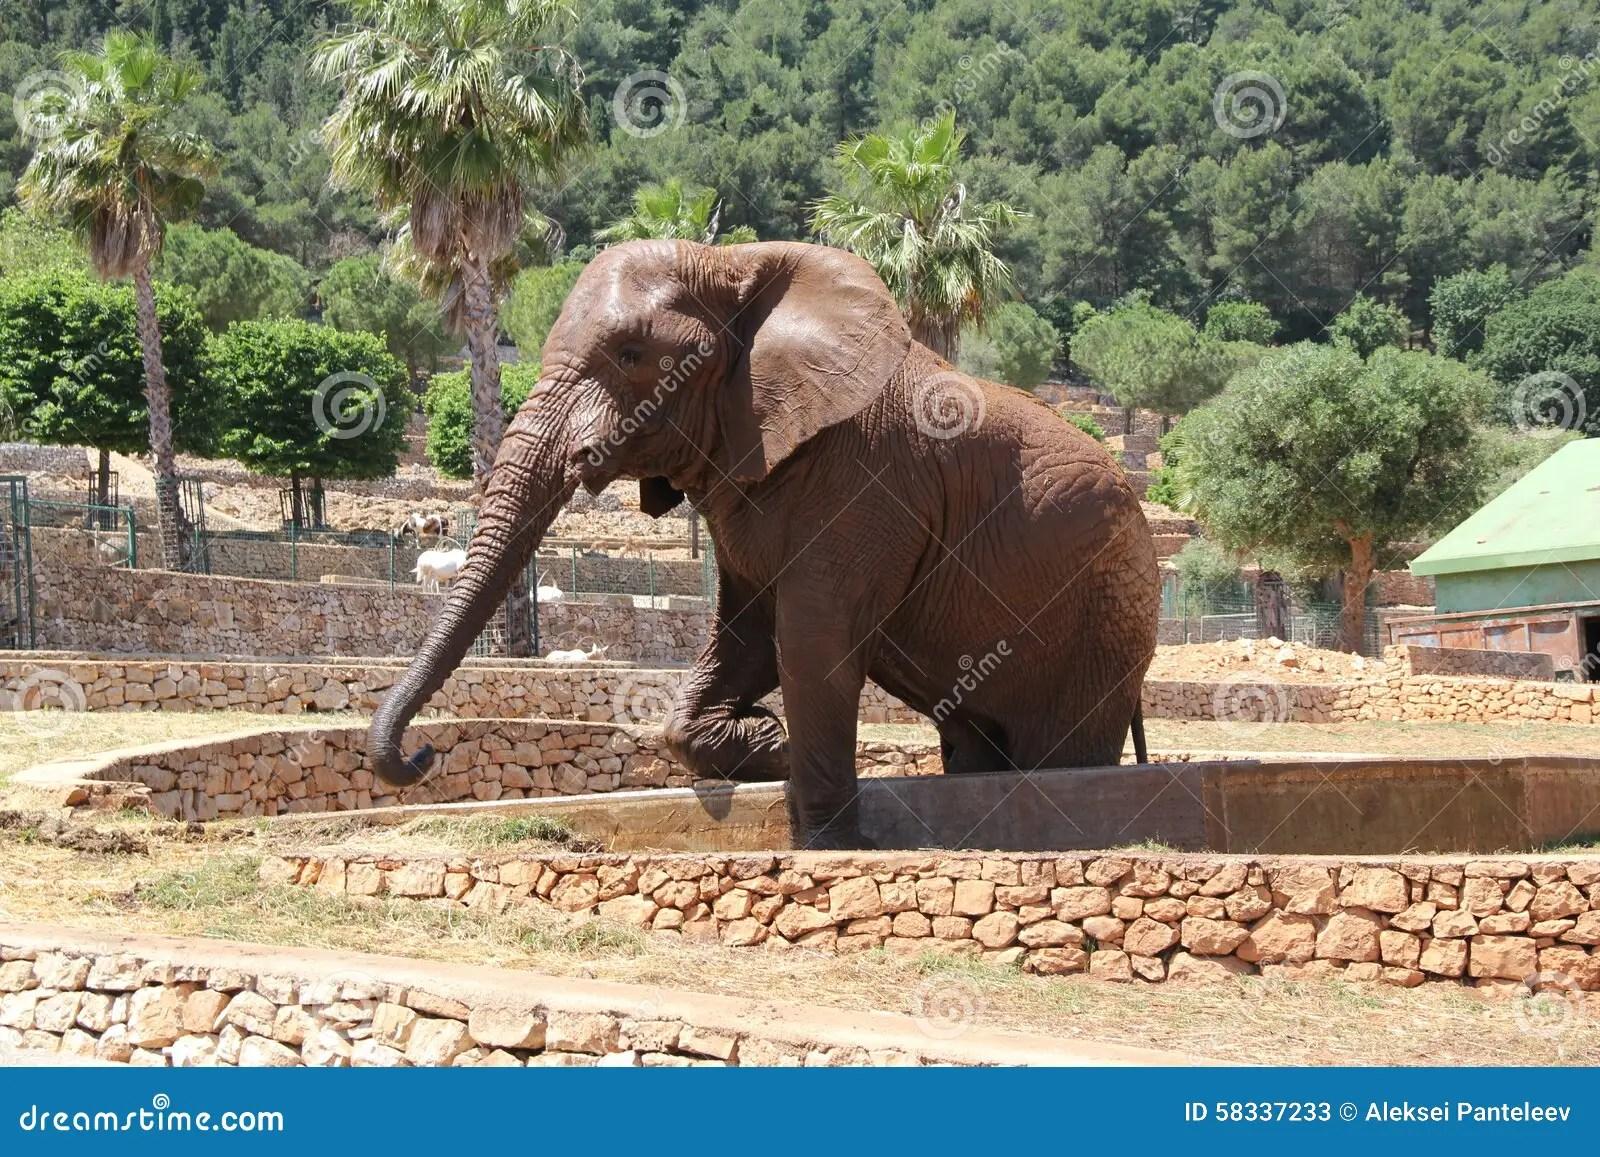 L'Italia. Puglia. Fasano. L'elefante Nello Zoosafari Immagine Stock - Immagine: 58337233